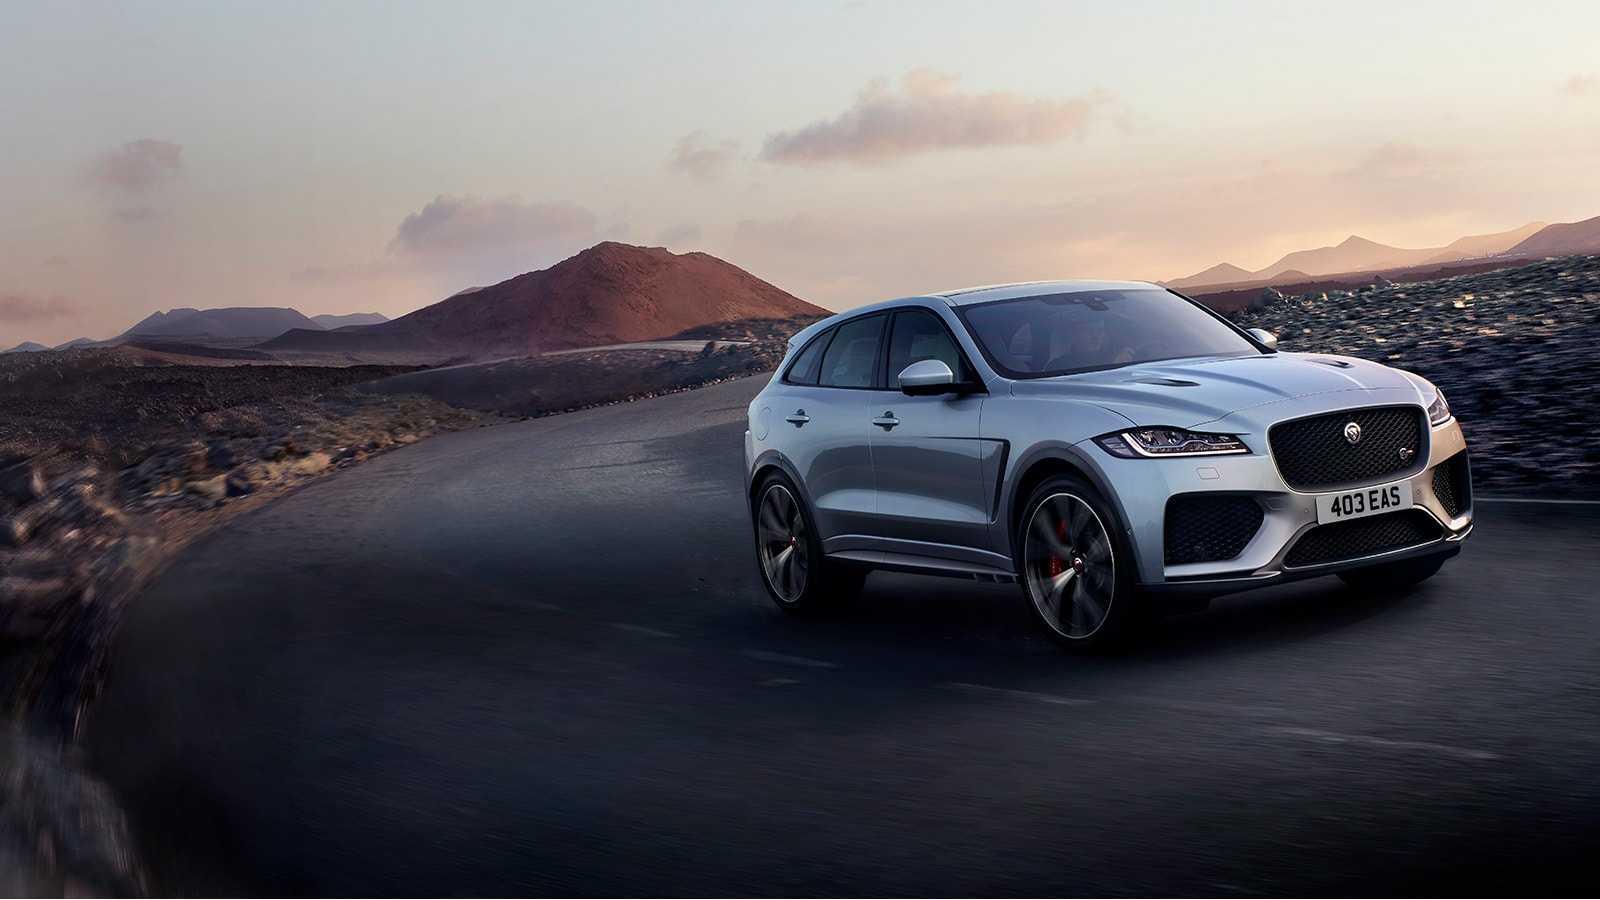 Jaguar e-pace 2019-2020 цена, технические характеристики, фото, видео тест-драйв е-пейс